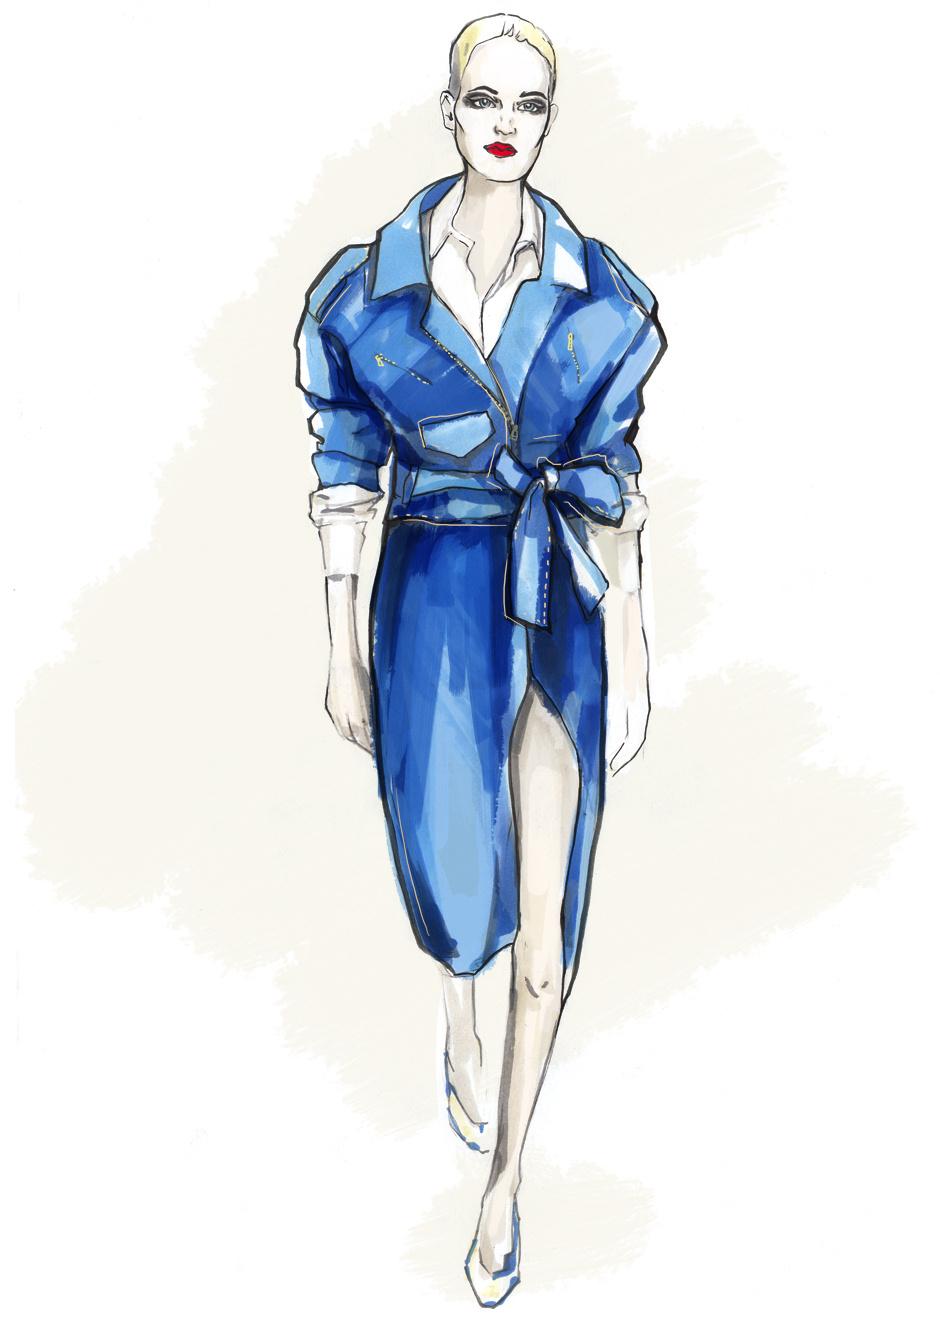 Неделя моды в Нью-Йорке в иллюстрациях